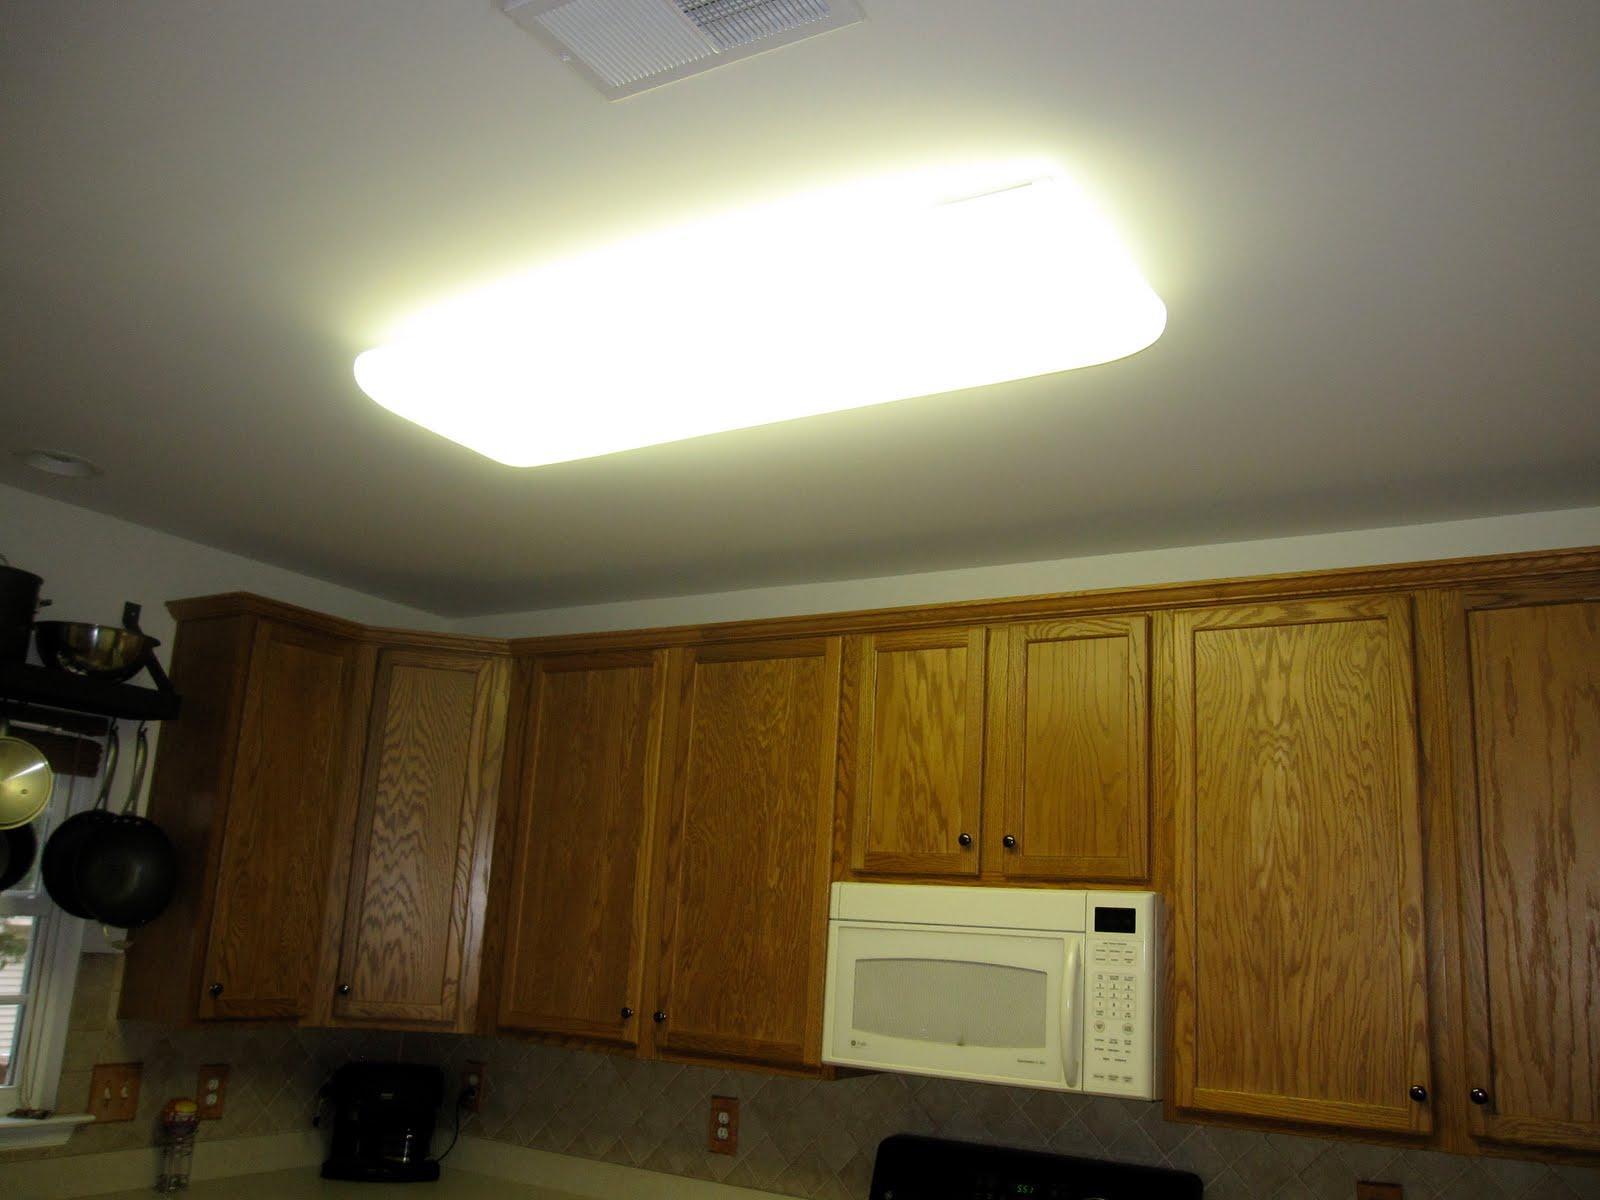 Glamorous Lighting Using Fluorescent Ceiling Lights